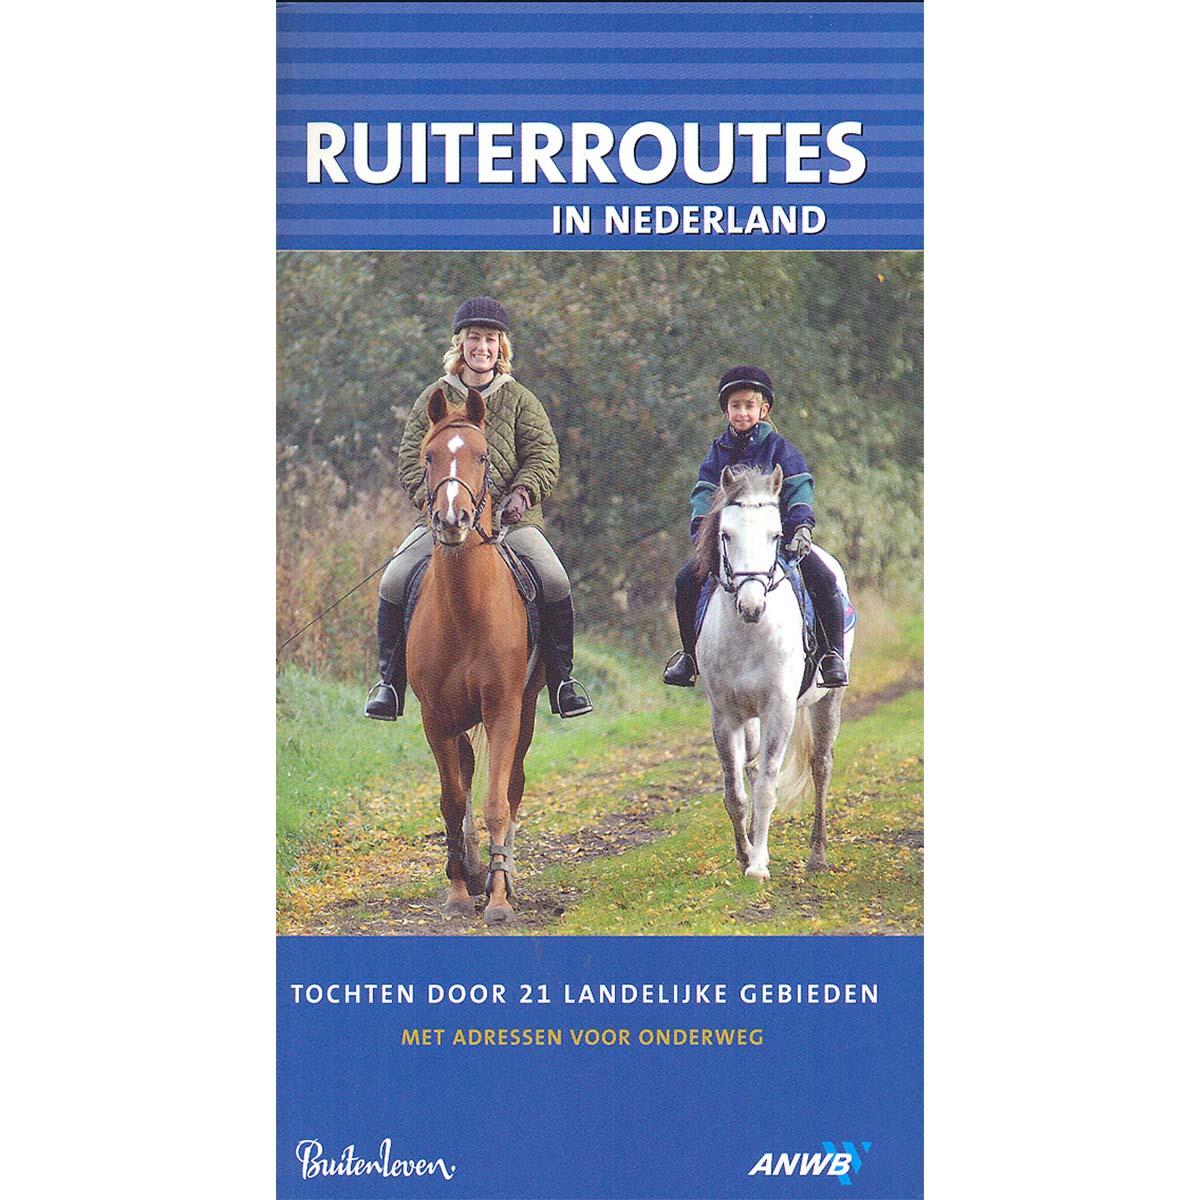 Ruiterroutes in Nederland